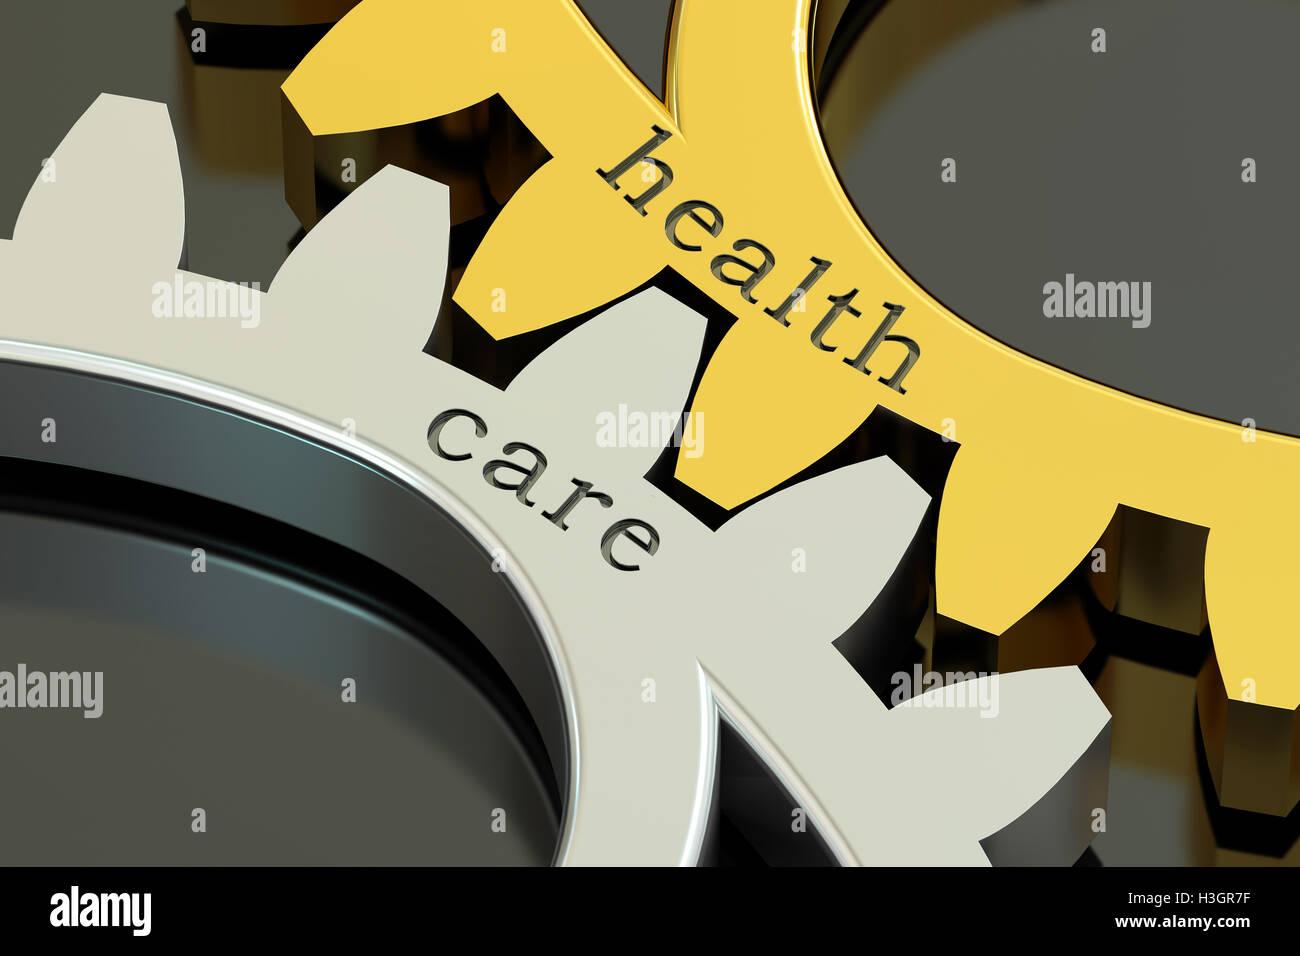 Gesundheitswesen, Konzept auf die Zahnräder, 3D rendering Stockbild